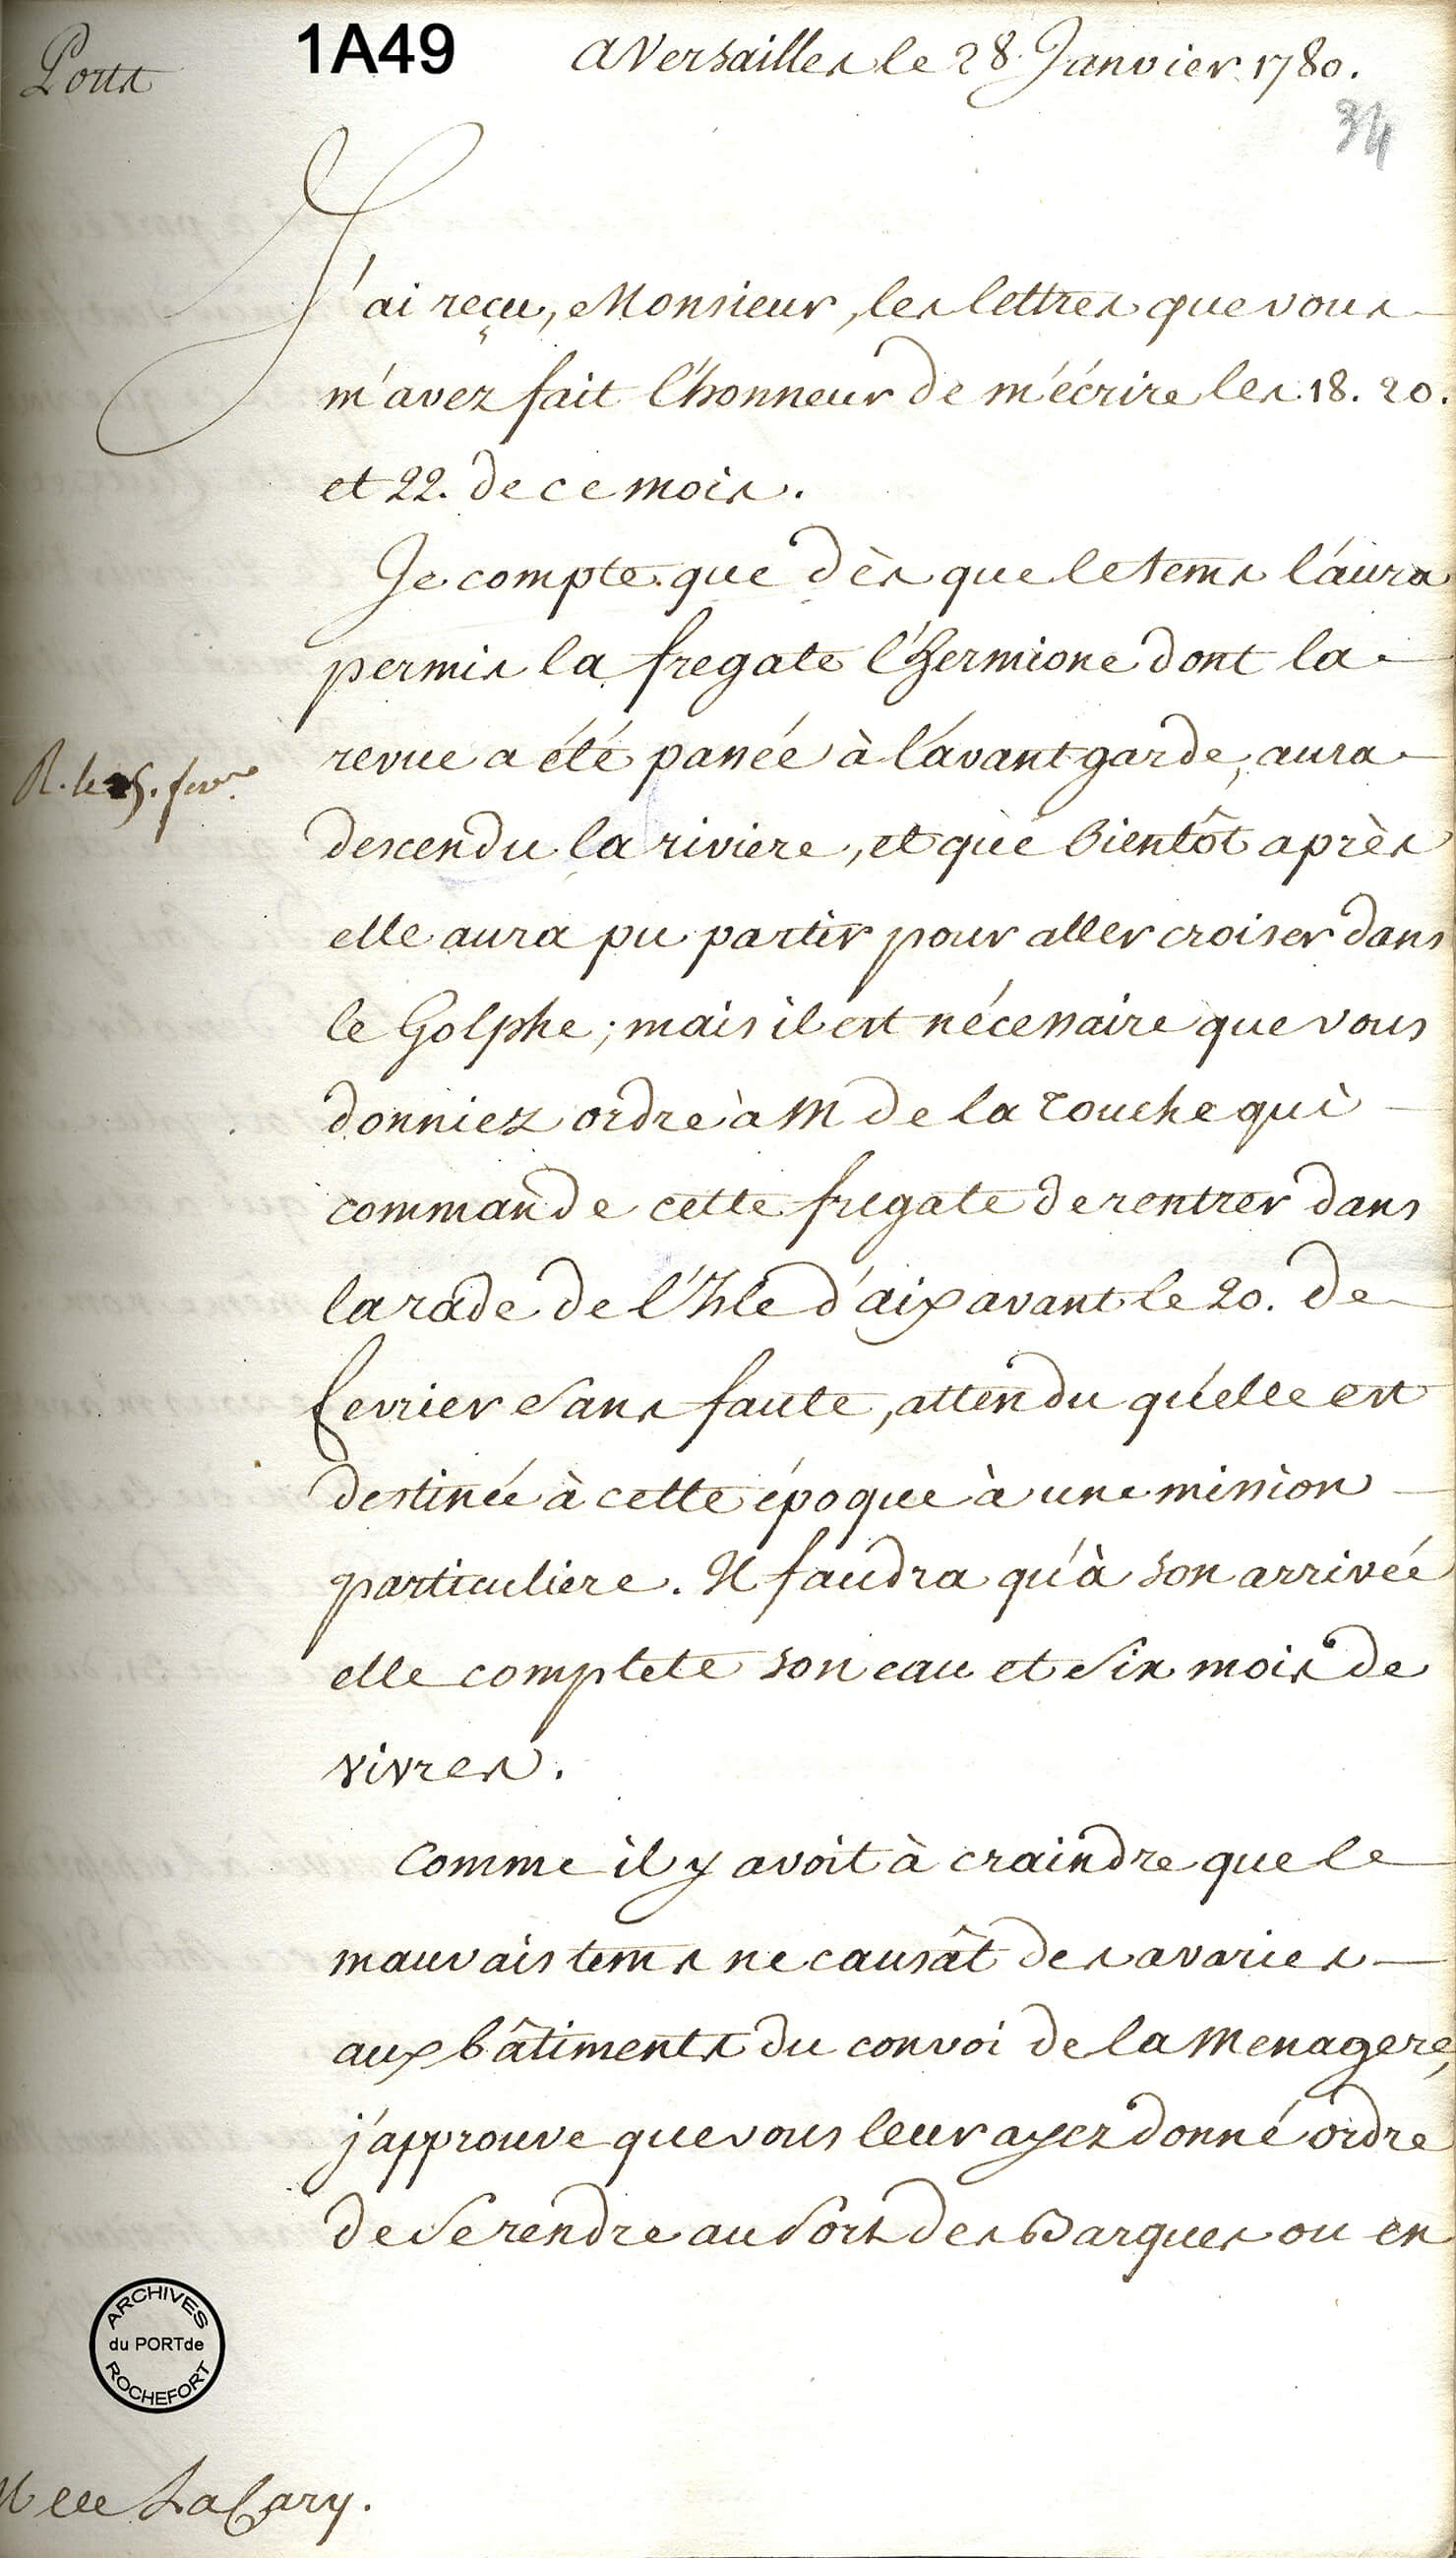 Correspondance entre le Ministre et l'Intendant, 1780 - © Service historique de la Défense, Rochefort – 1A49, F°34